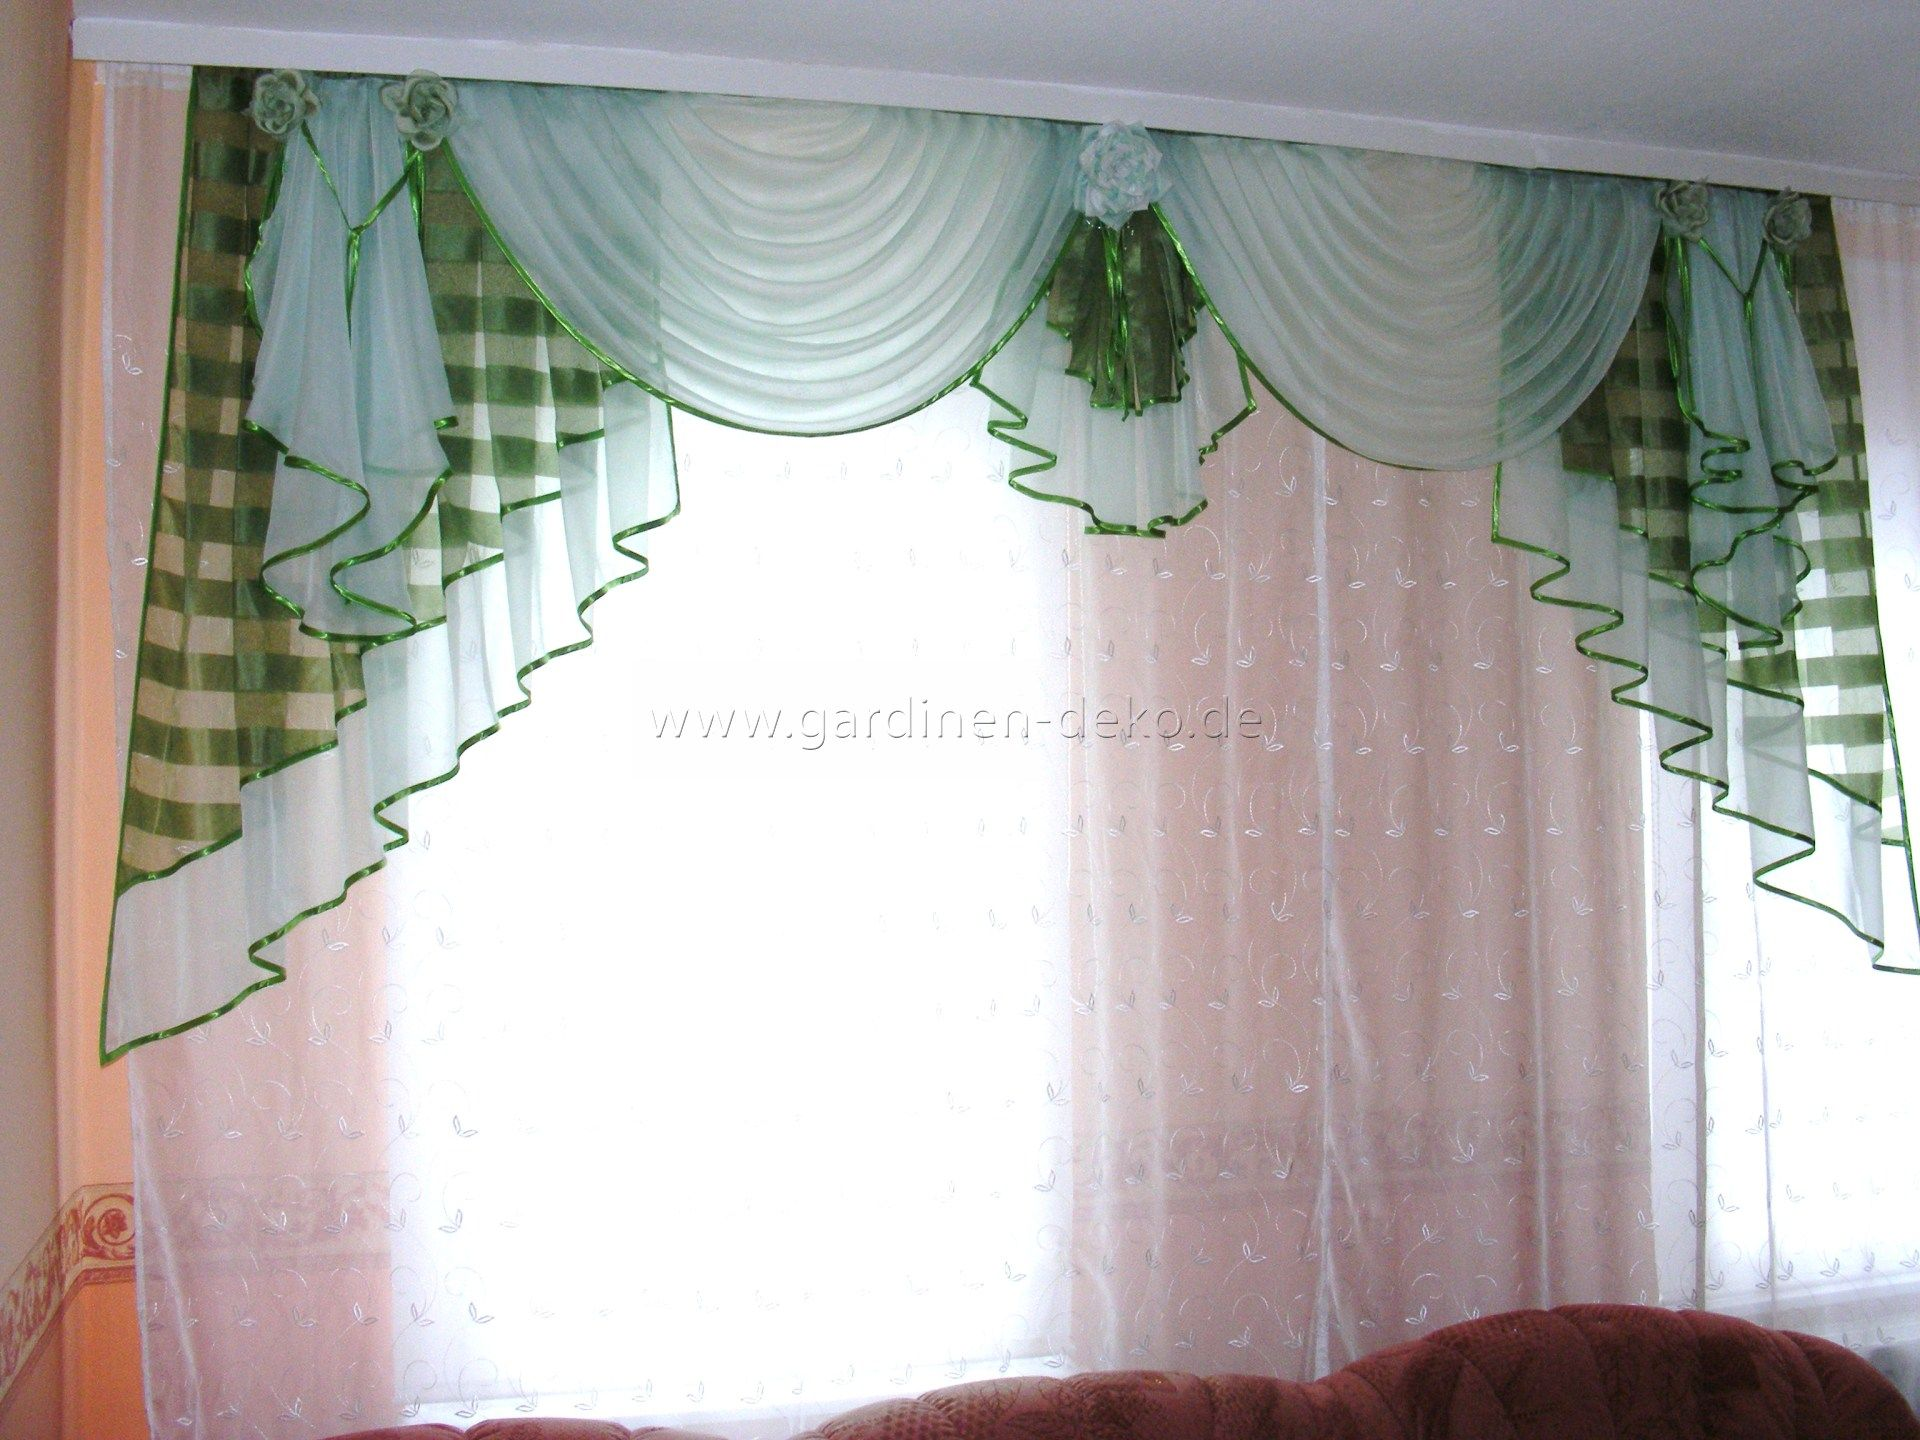 edler vorhang in klassischem design in den farben grün und weiß, Innenarchitektur ideen